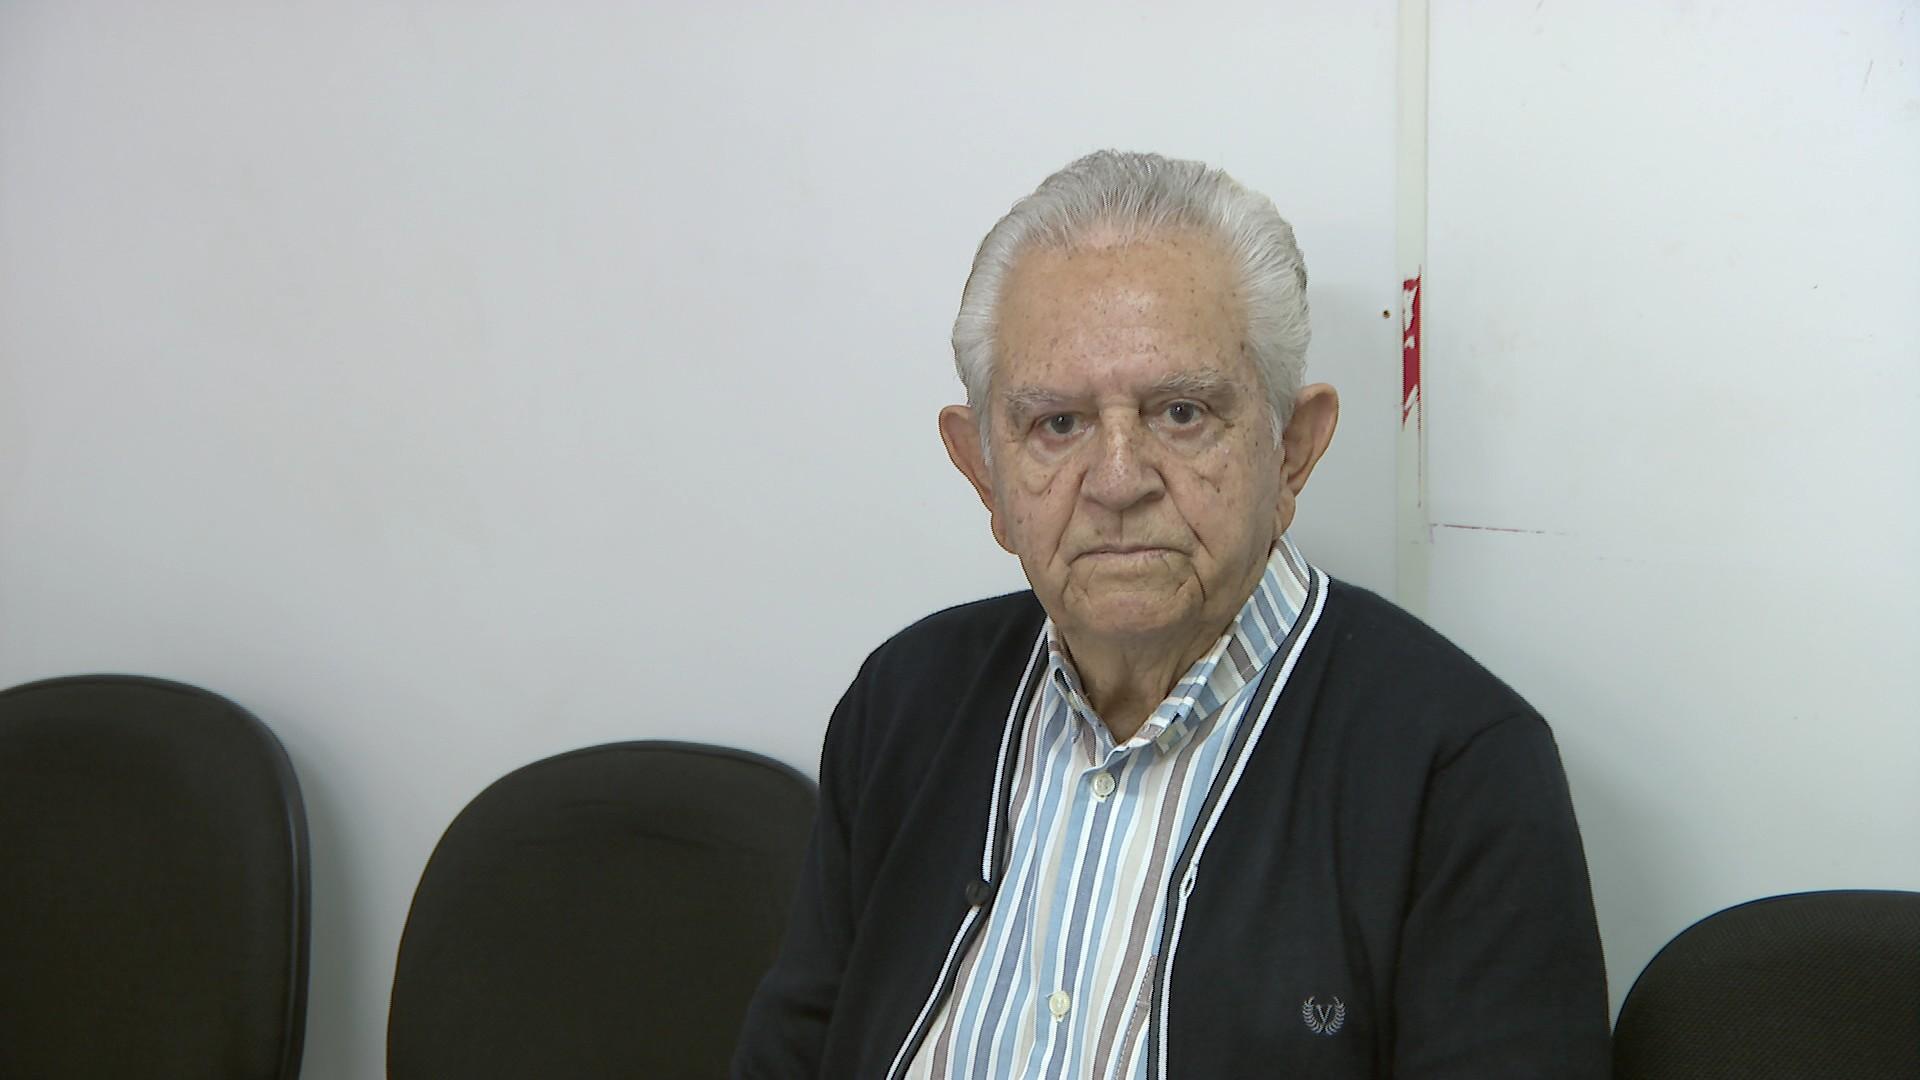 Defesa do prefeito de Divinópolis é entregue à comissão que apura denúncia político-administrativa na Câmara - Notícias - Plantão Diário